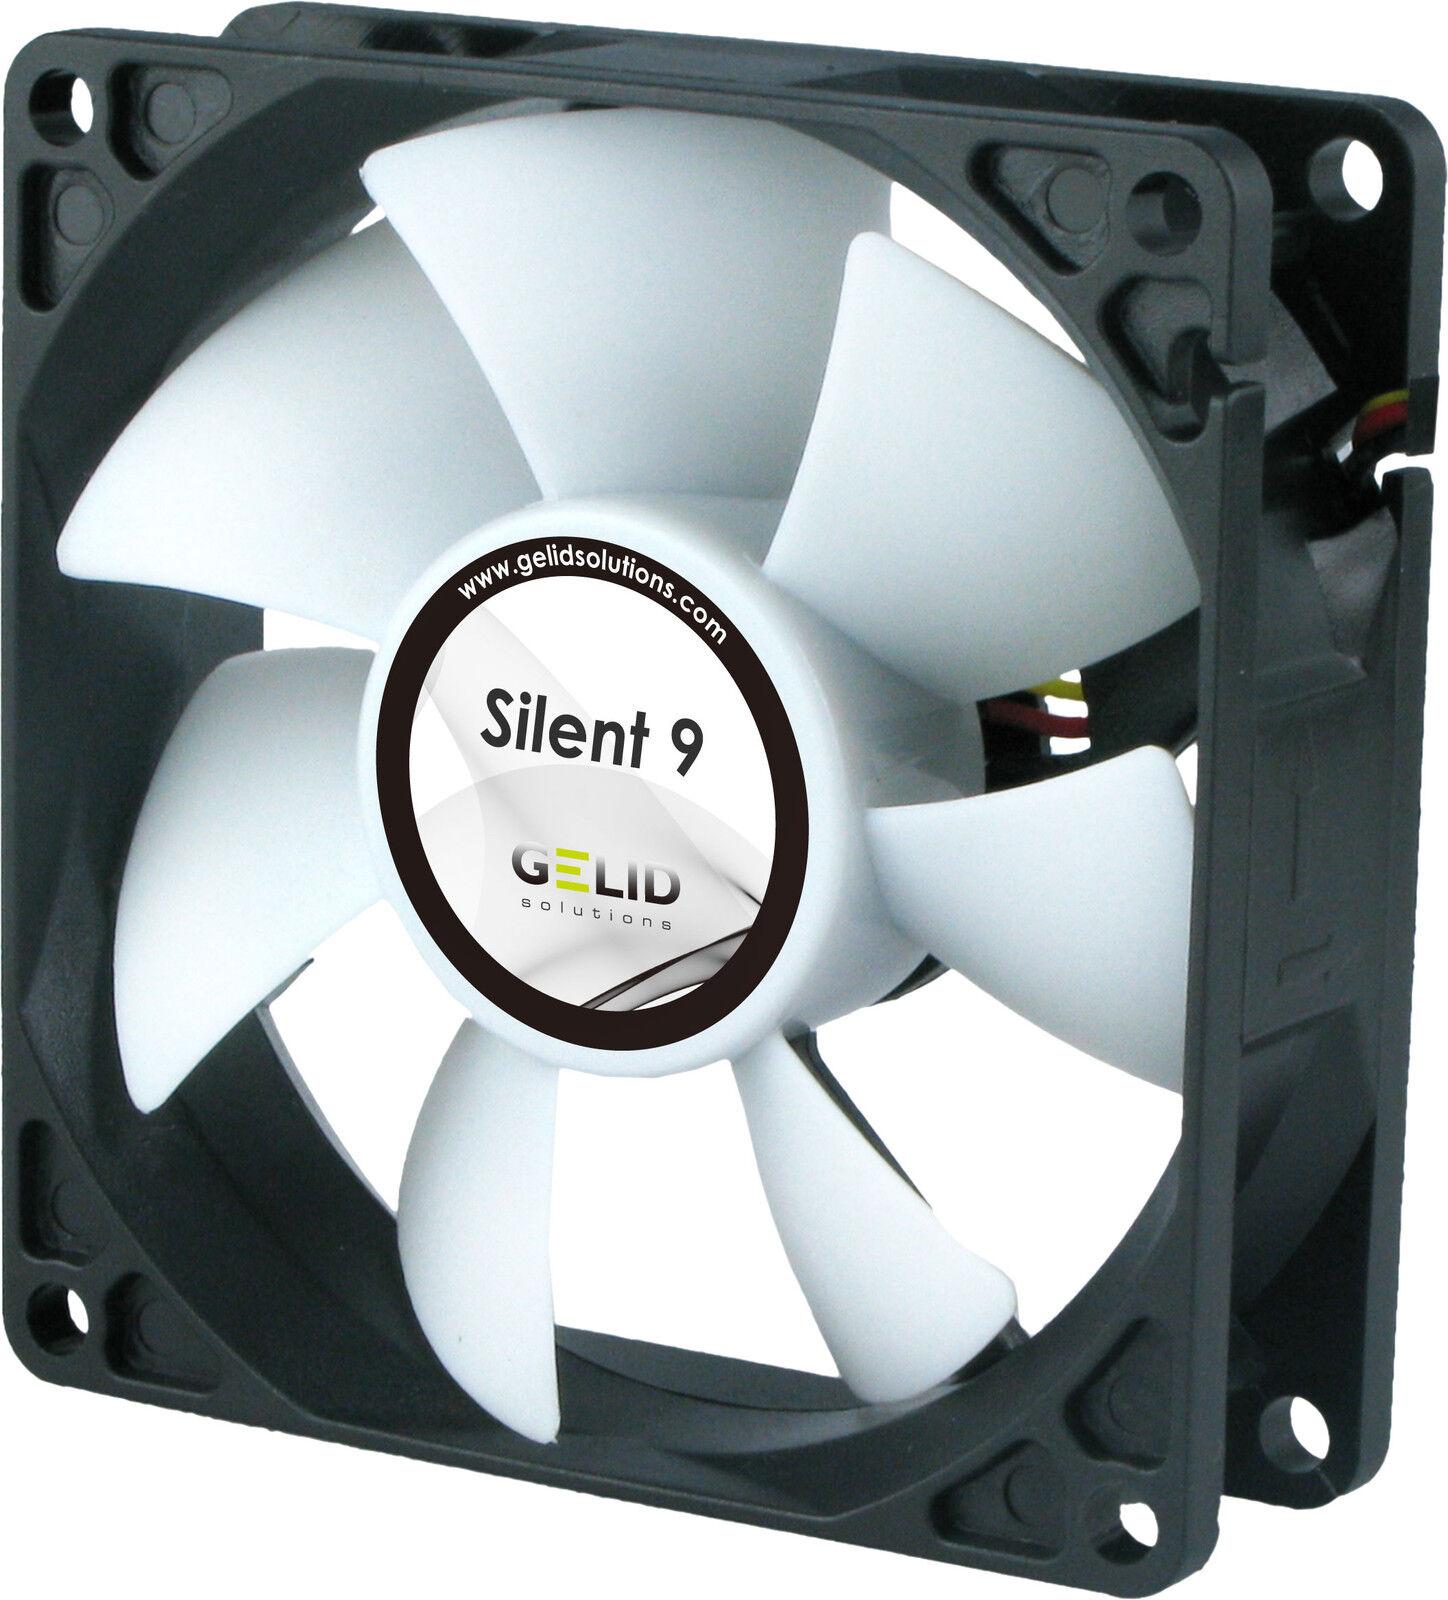 2 x GELID Solutions Silent 9 92mm Case Fans 1500 RPM 31.3 CFM 20.0 dBA